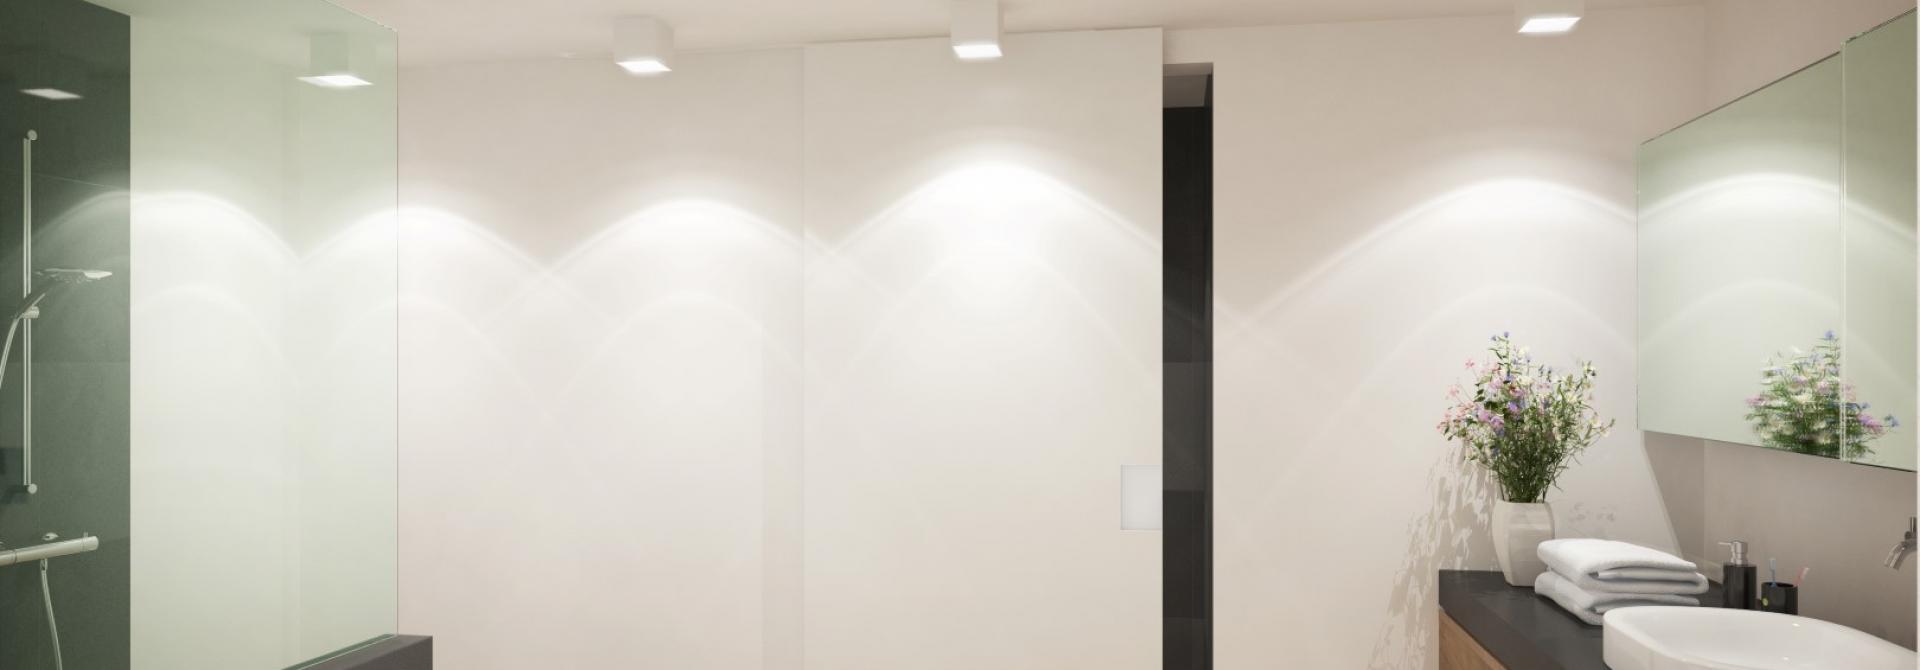 Boerderij foto – 15  badkamer beneden voor visual